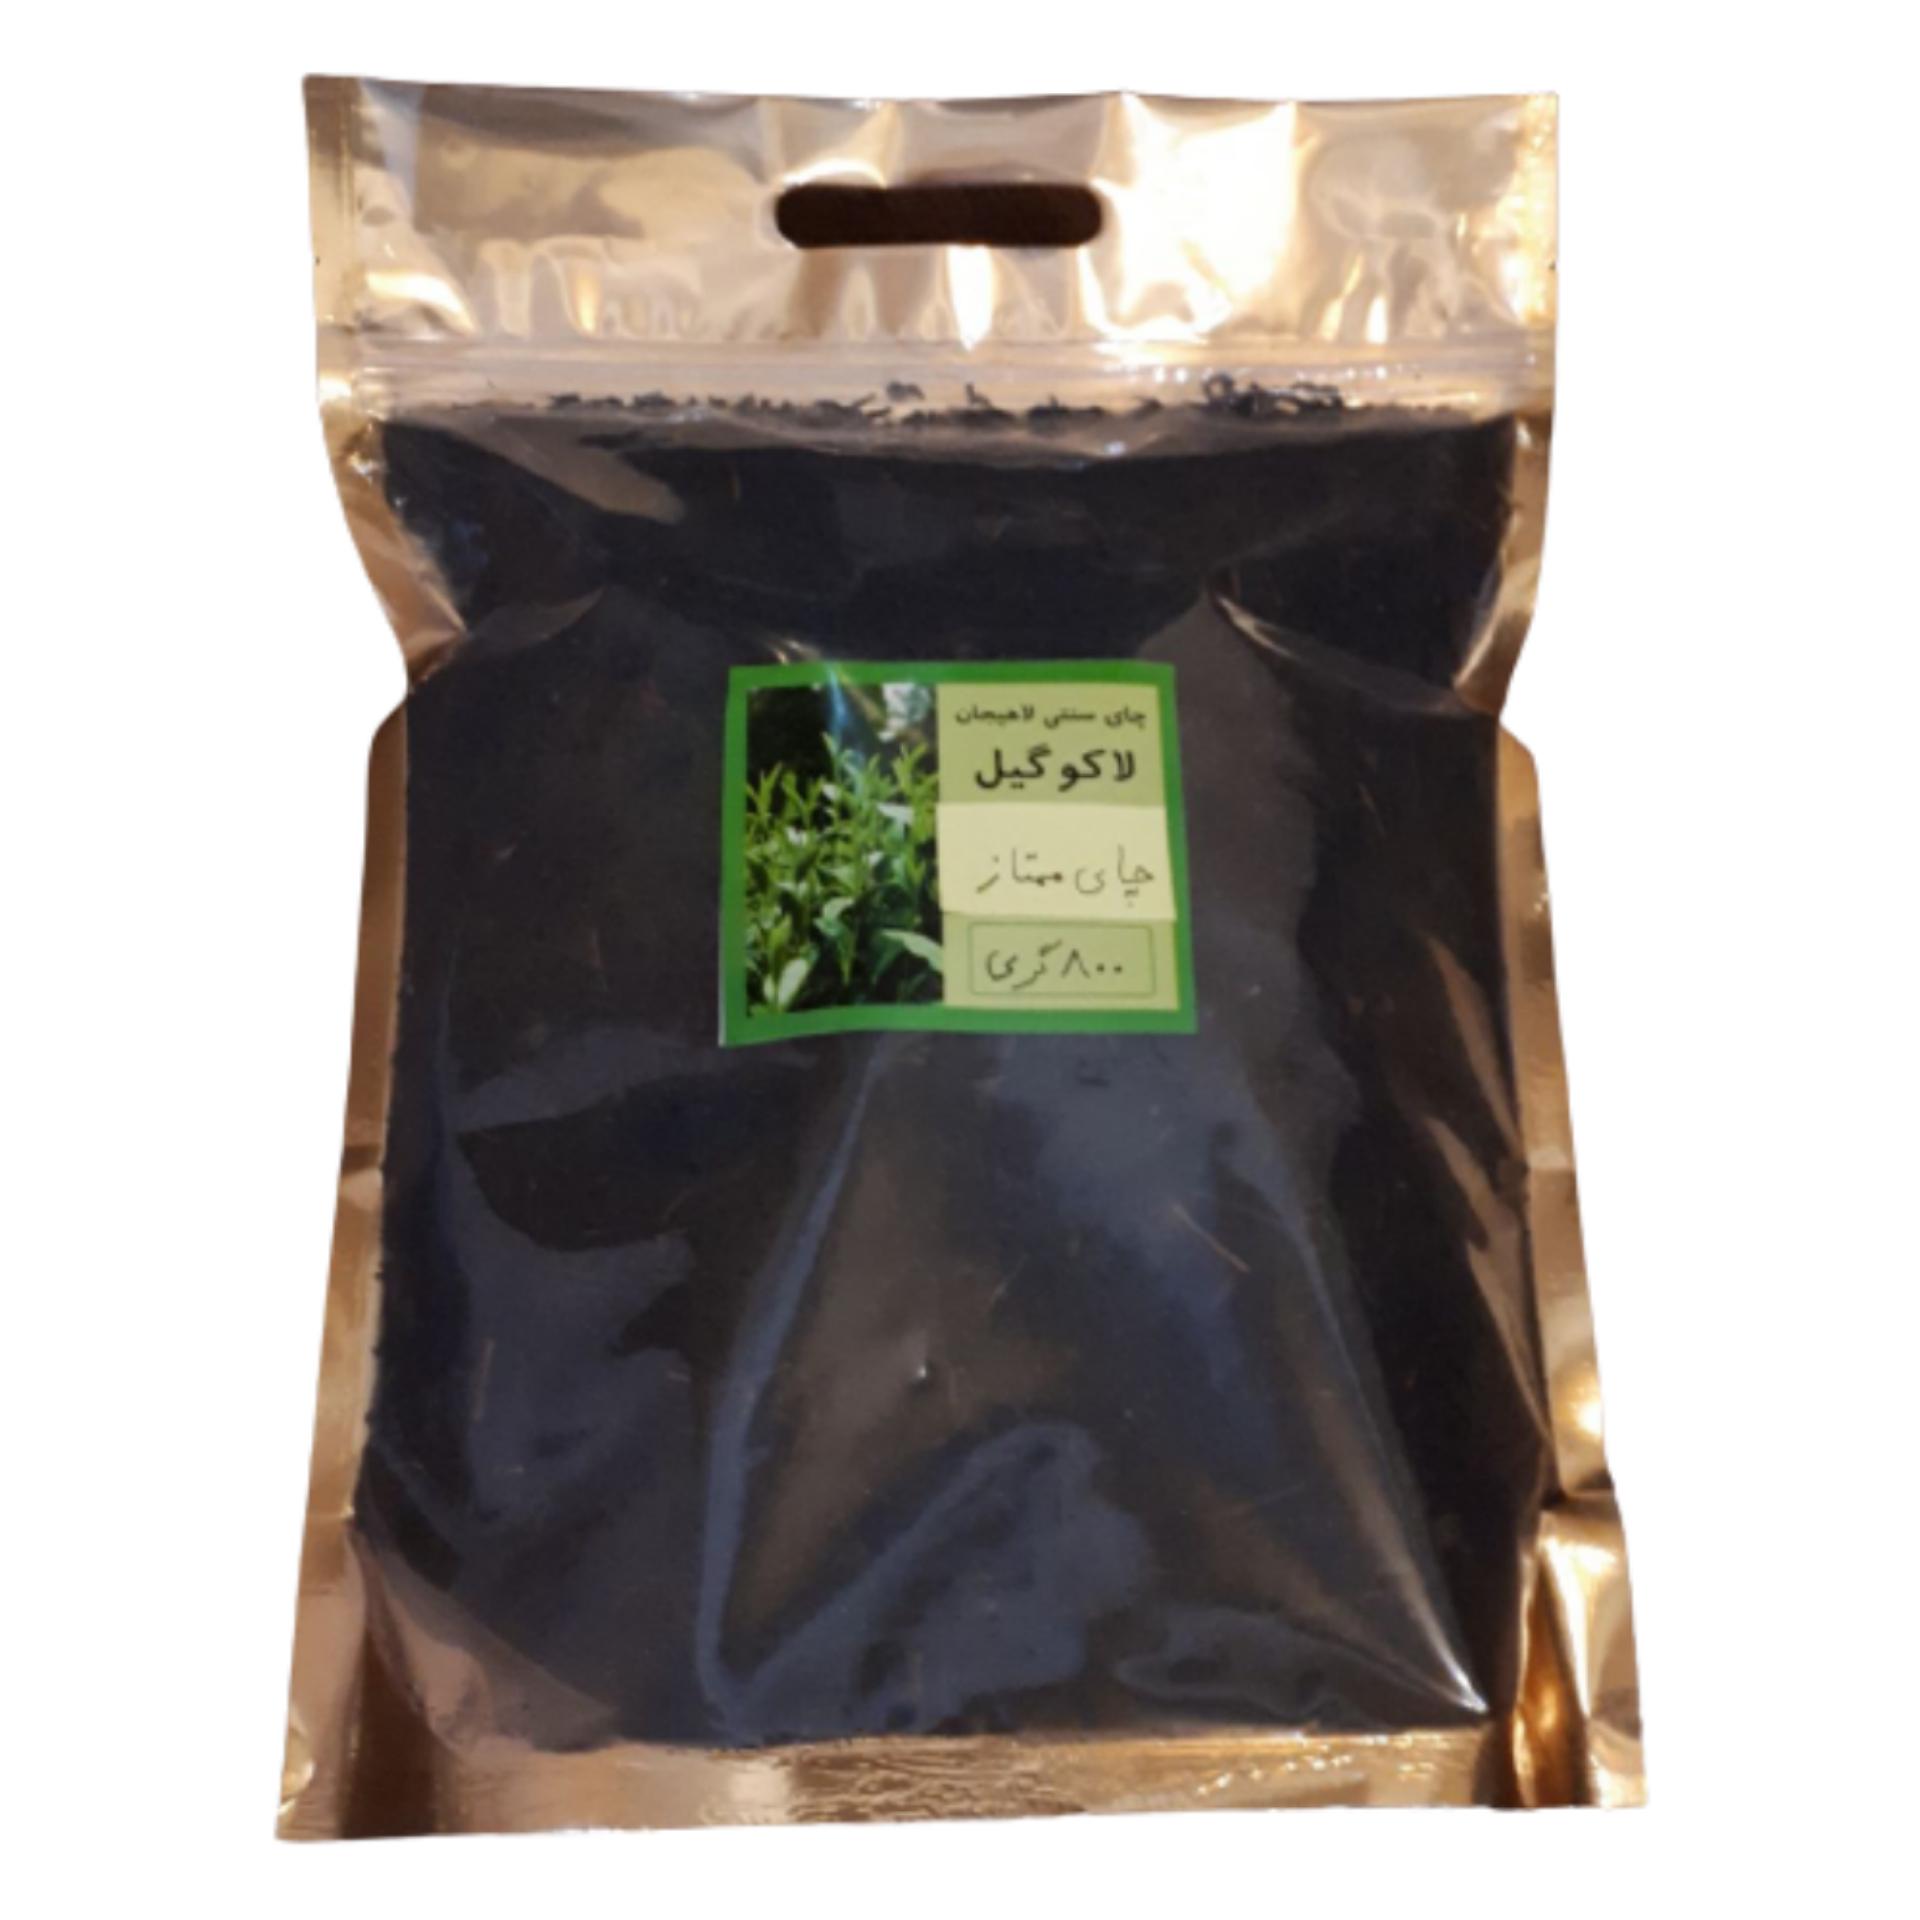 چای سیاه ممتاز لاهیجان لاکوگیل - 800 گرم